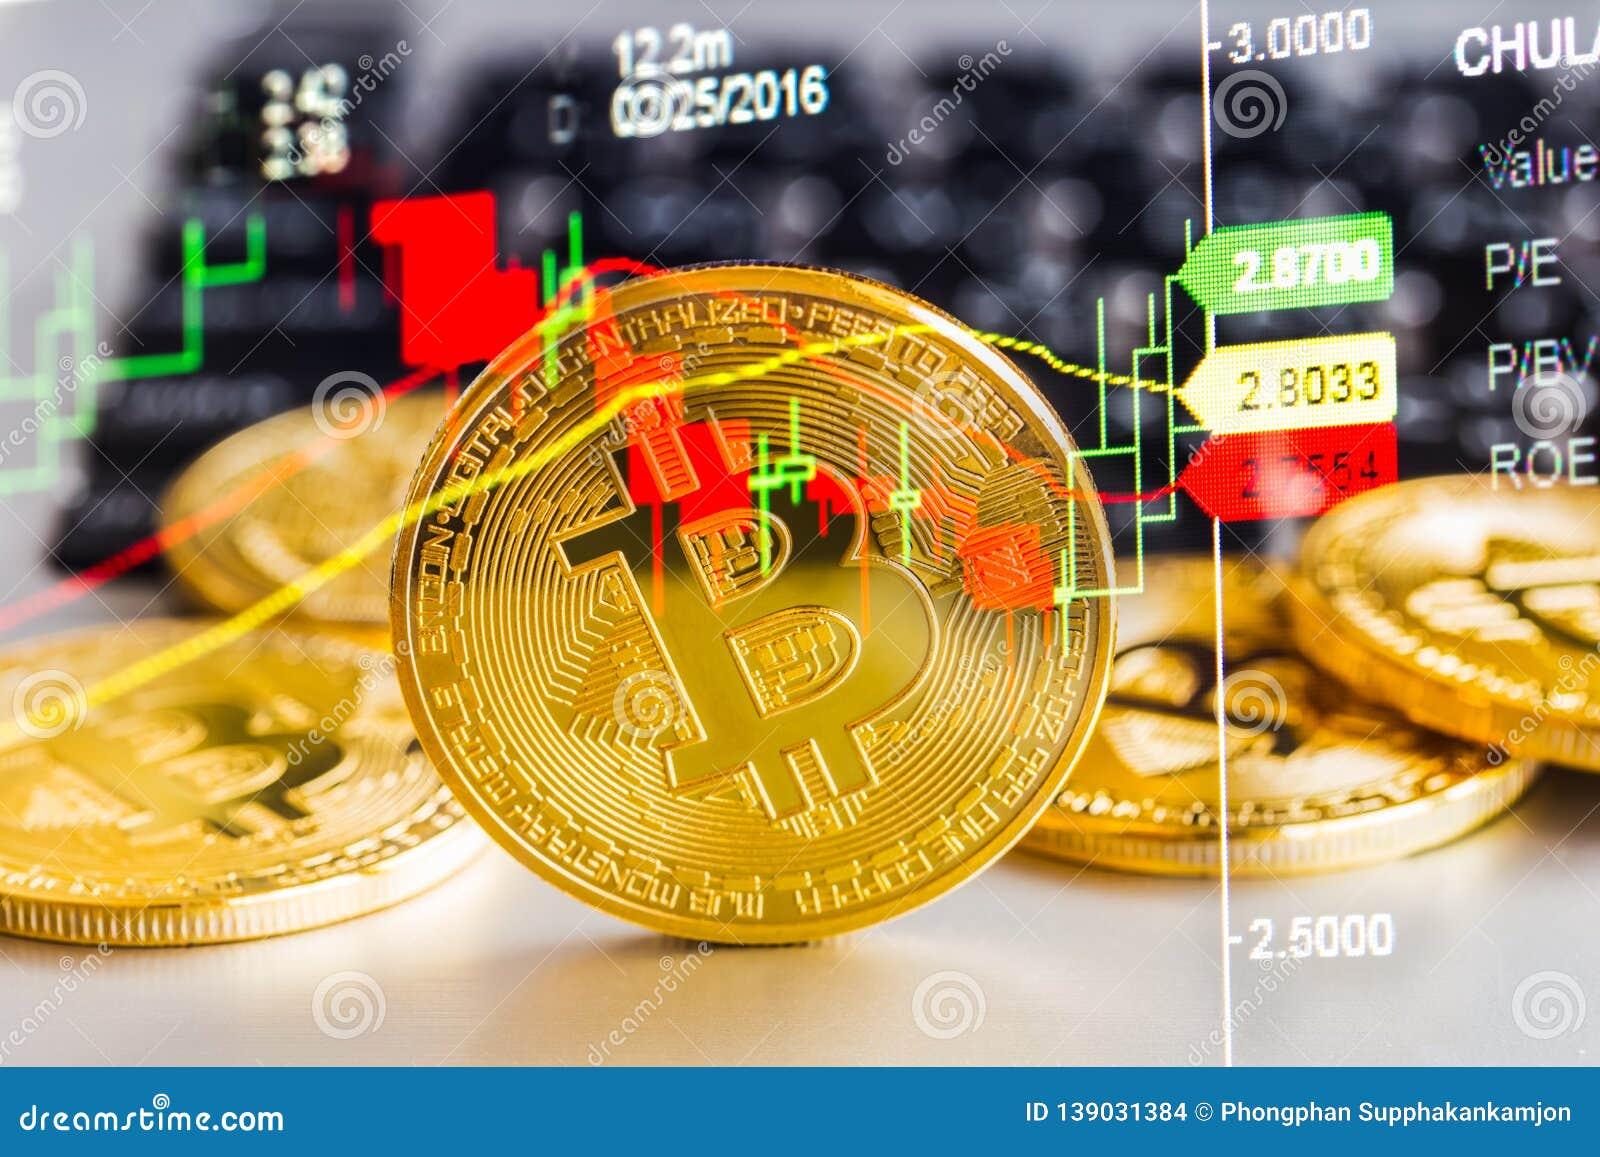 Tasso, Scambio, Globale, Bitcoin, Controllo, Mano, Concetto